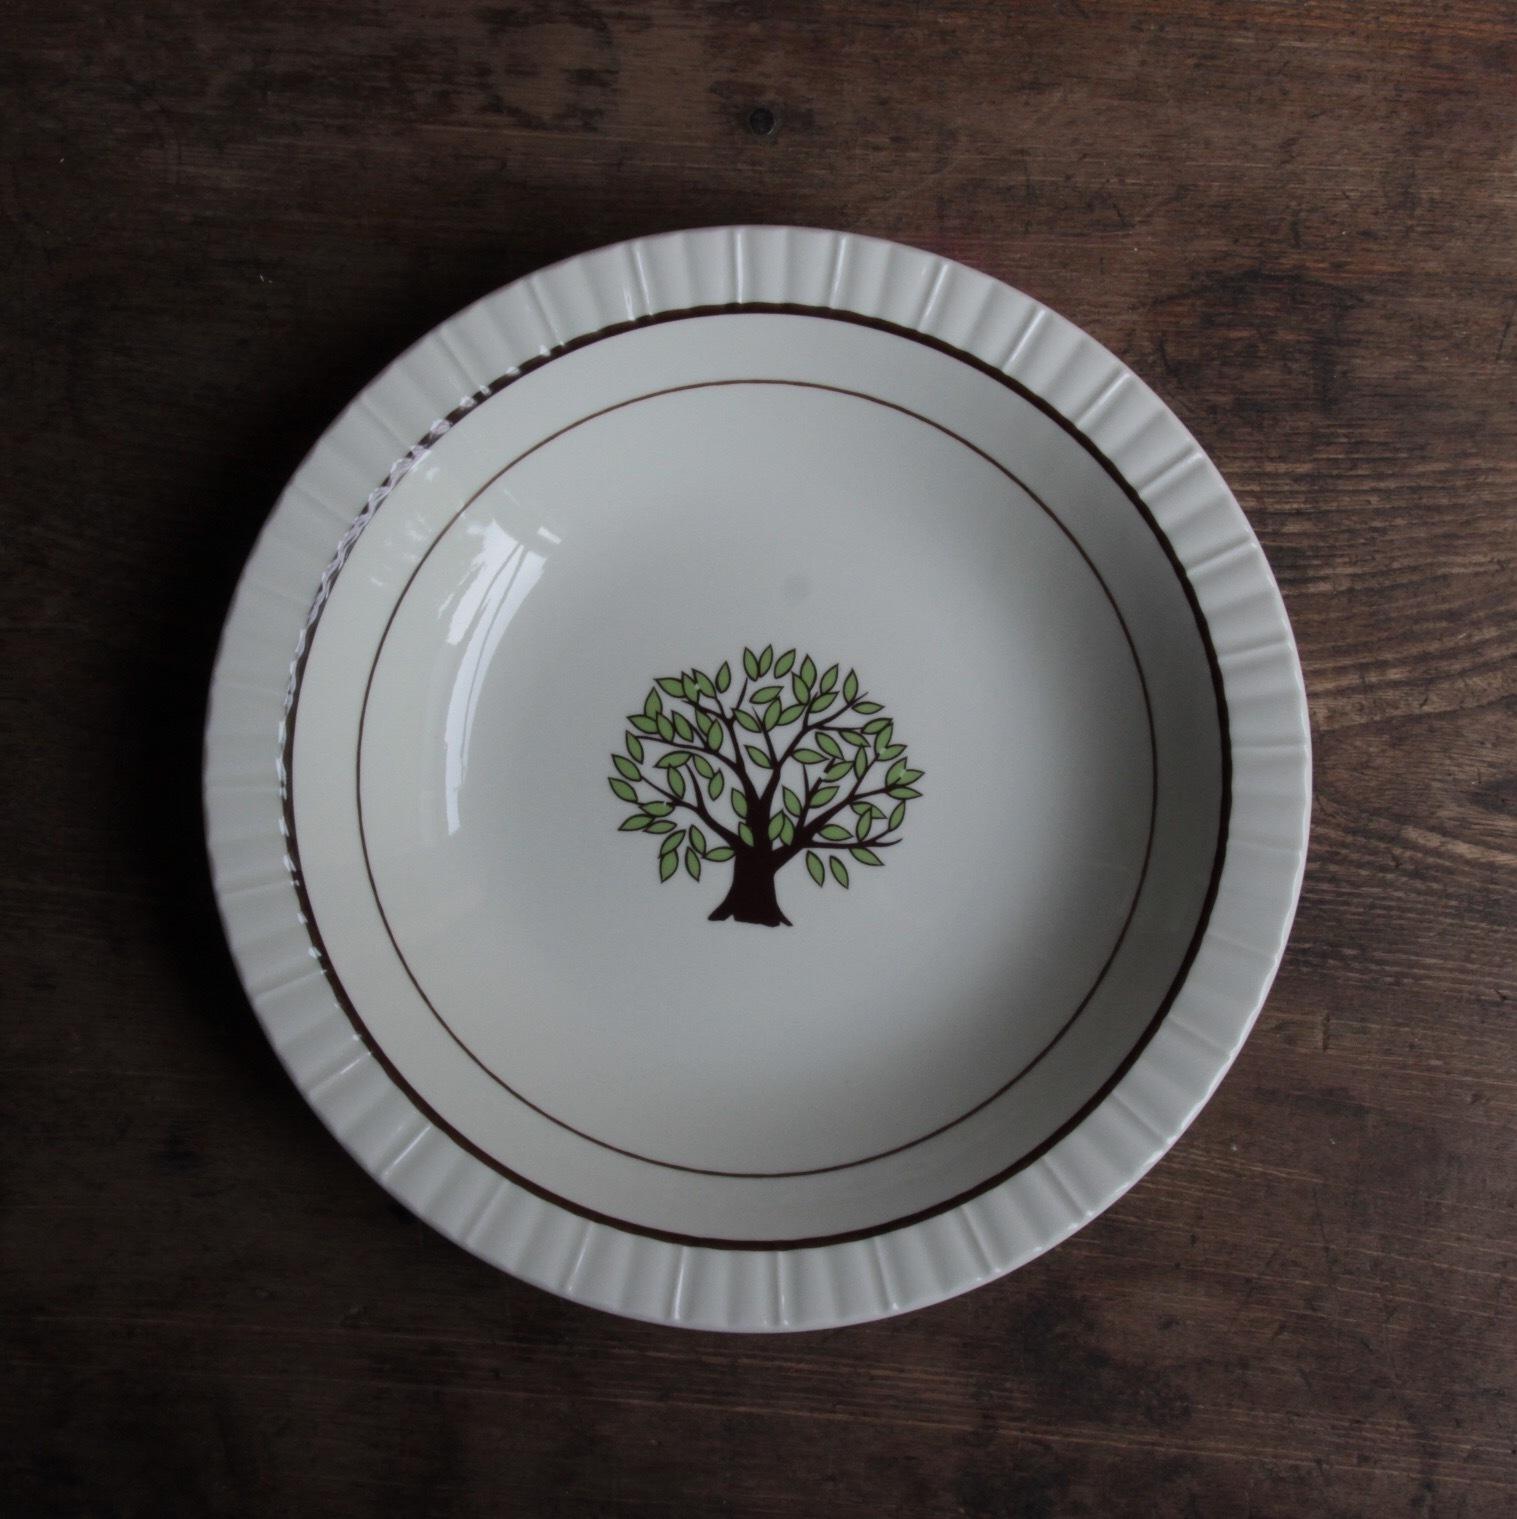 ツリー柄 波リムのカレー皿 在庫2枚